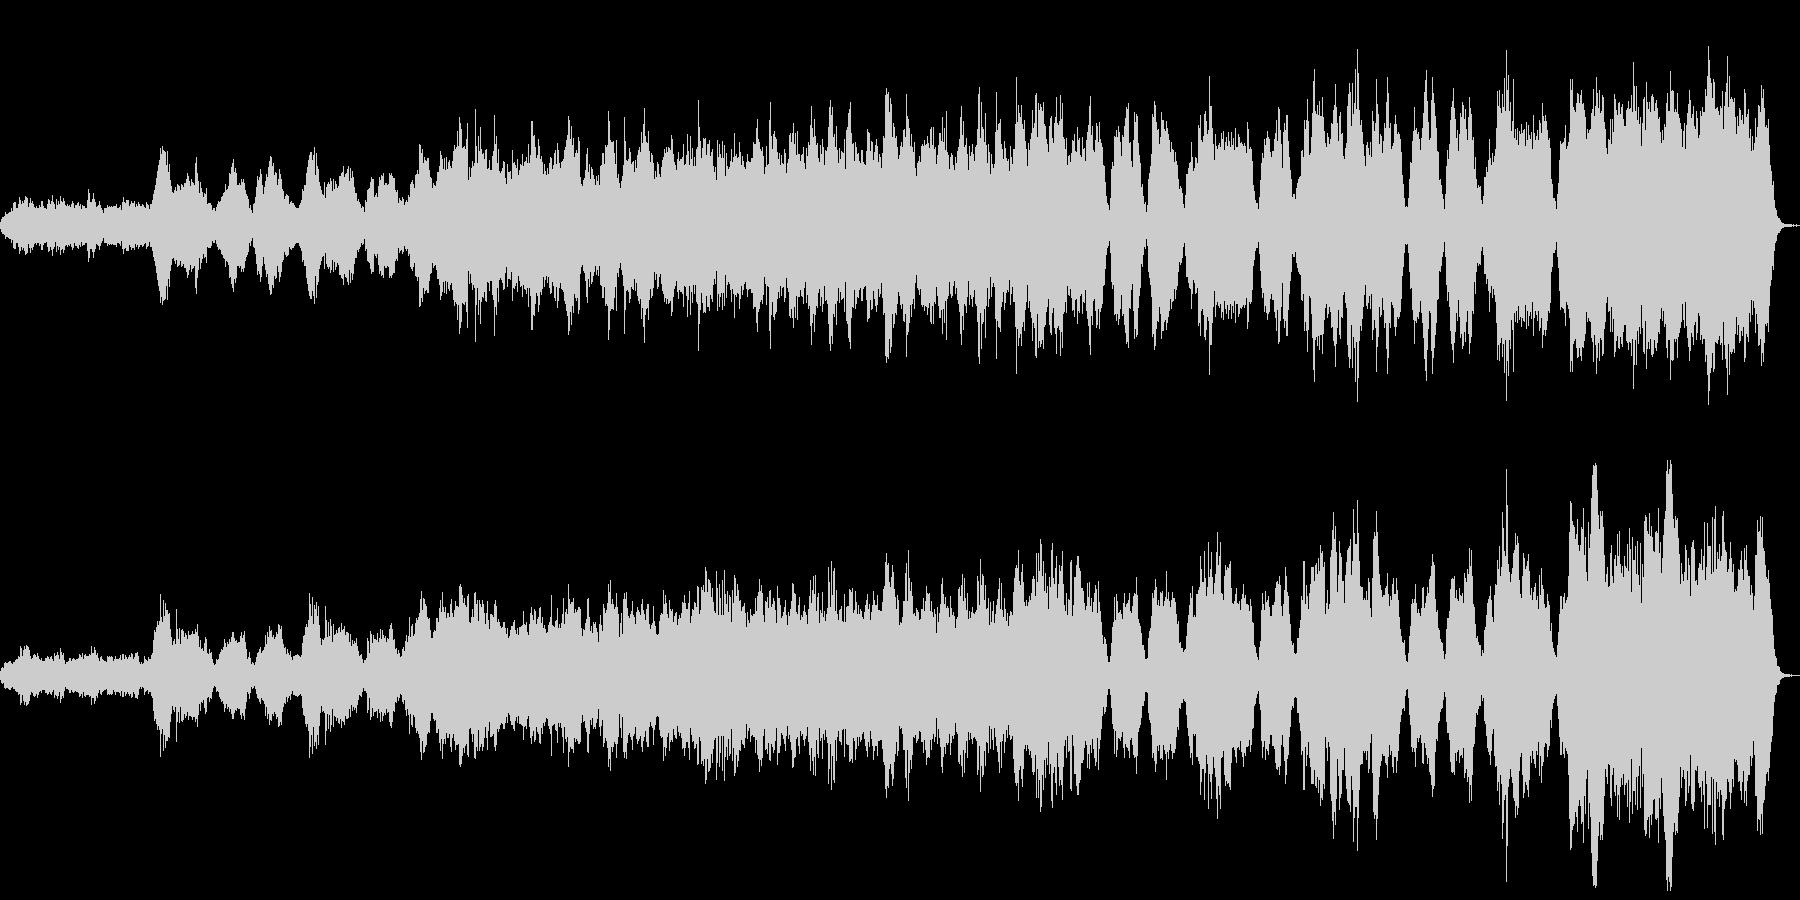 バイオリンソロとハープのオリジナル曲の未再生の波形